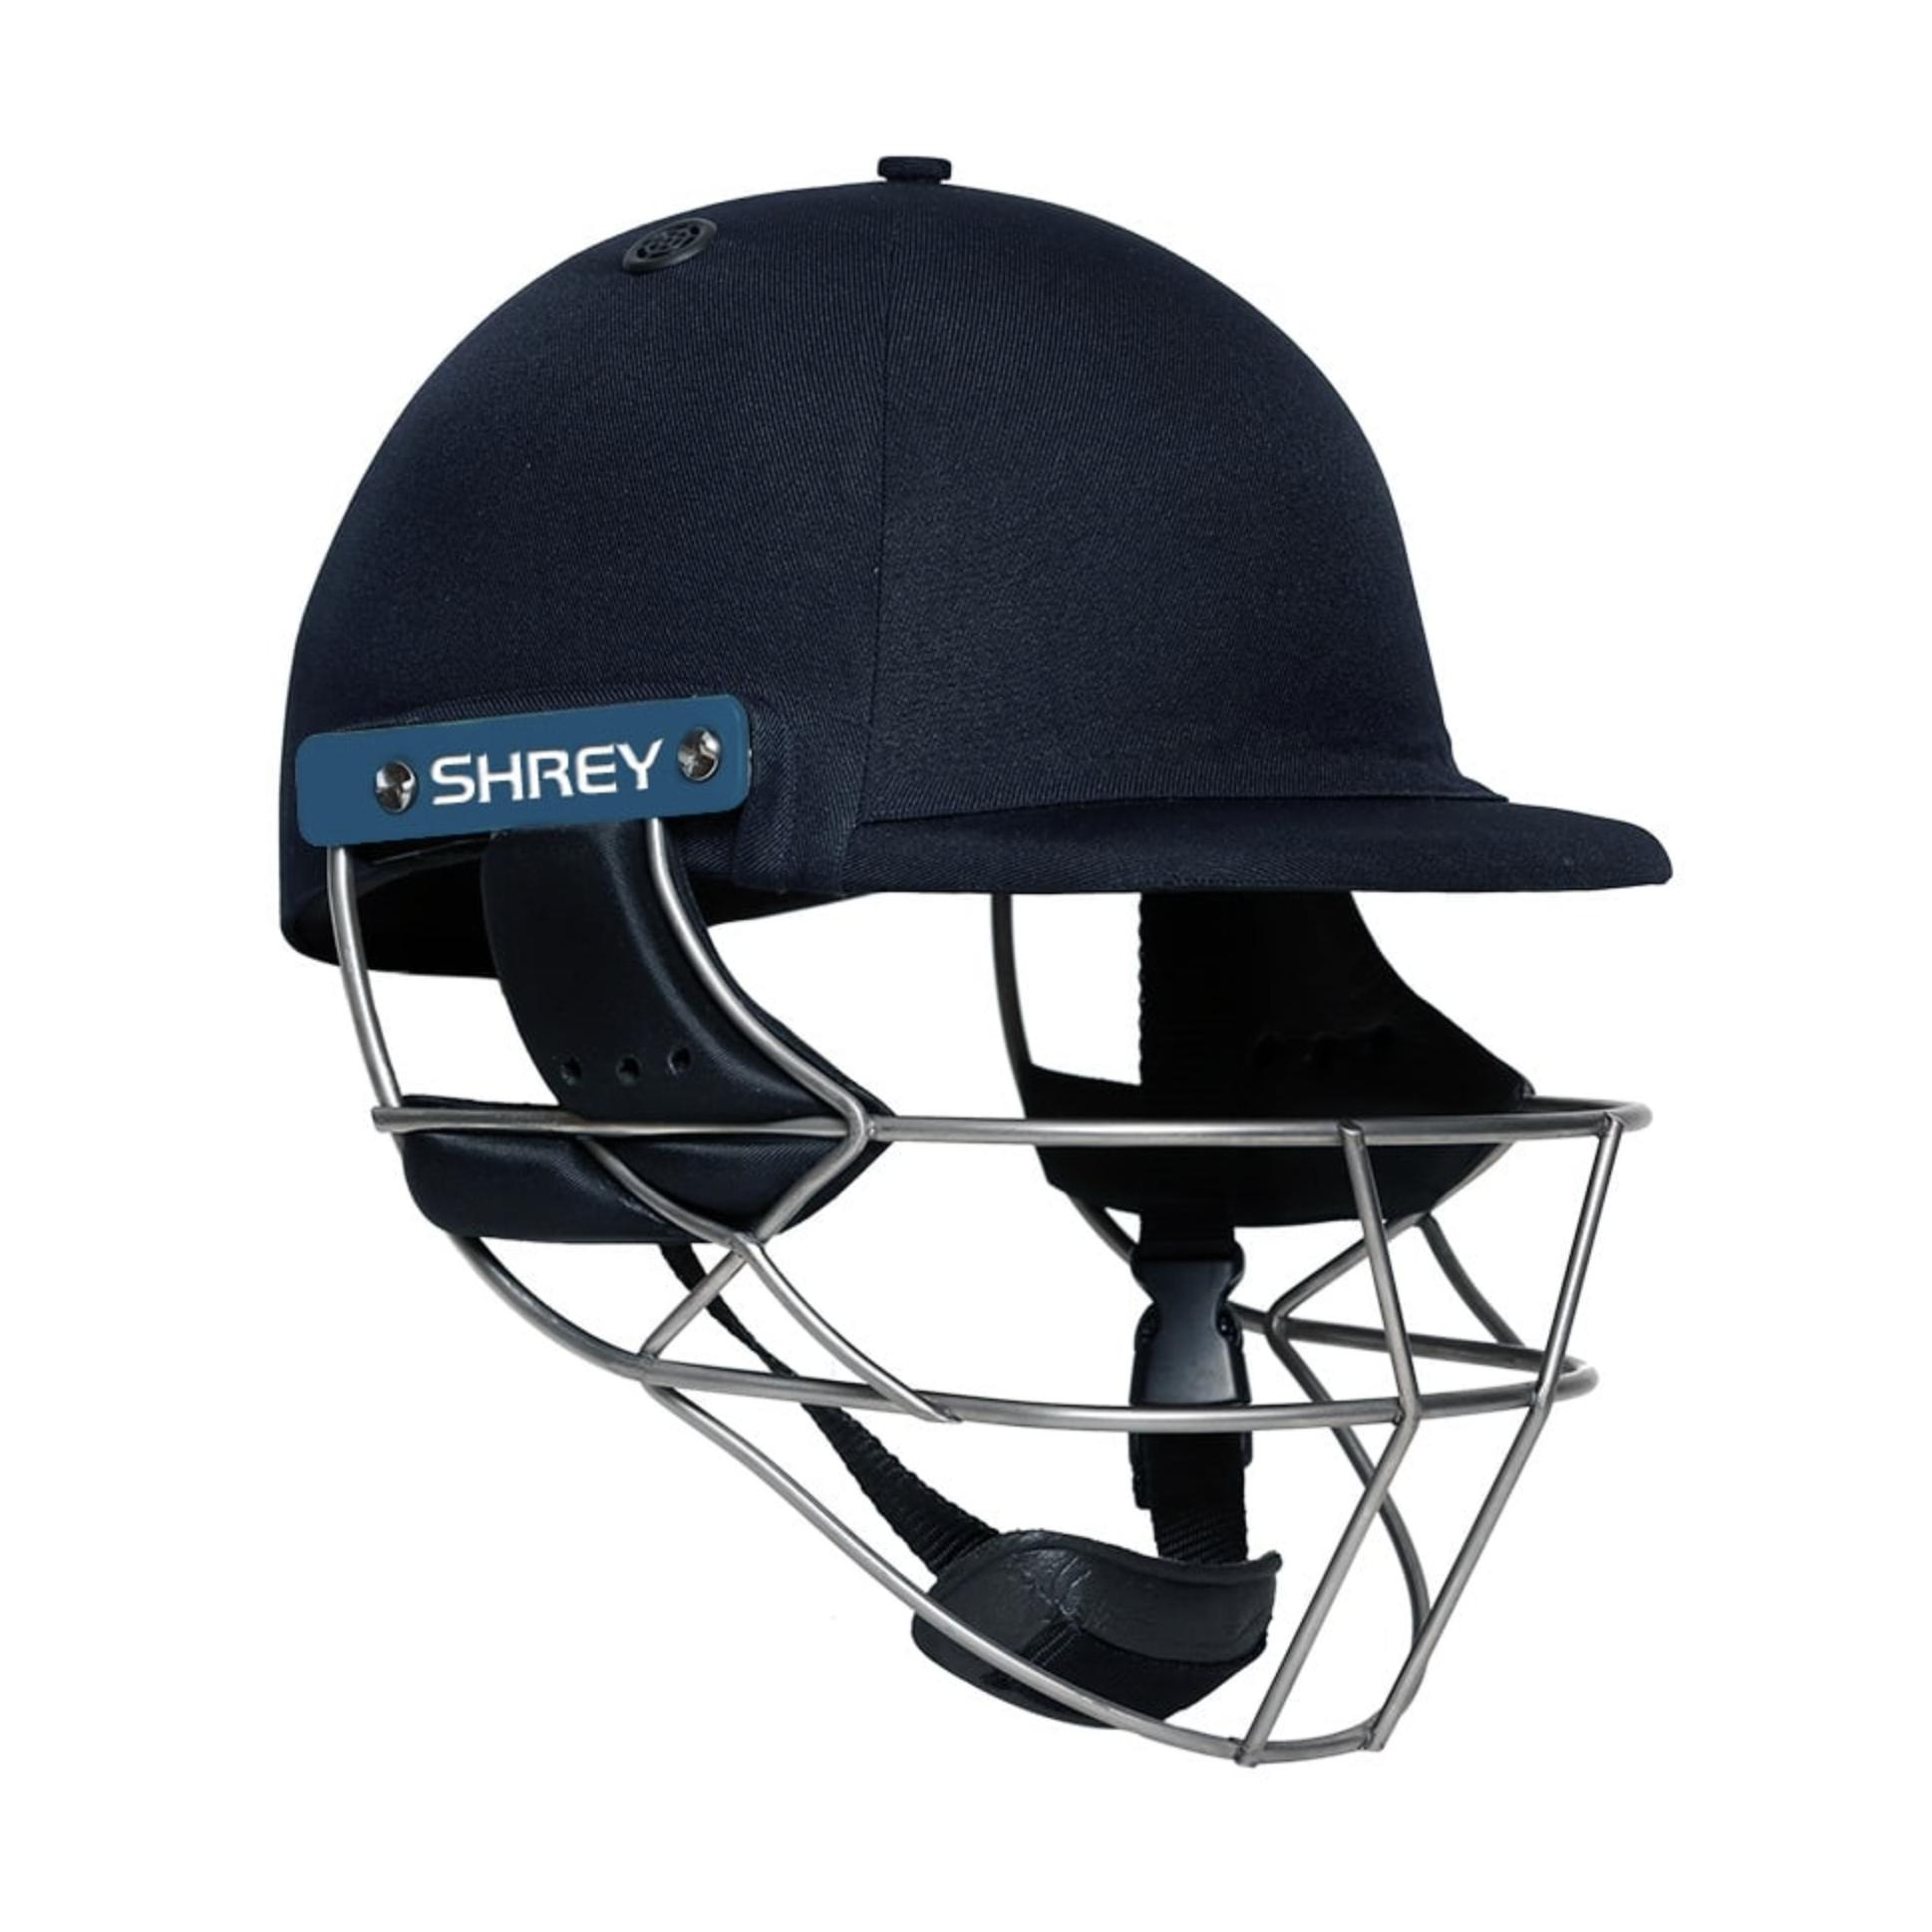 Red Shrey Armor 2.0 Steel Cricket Batting Helmet